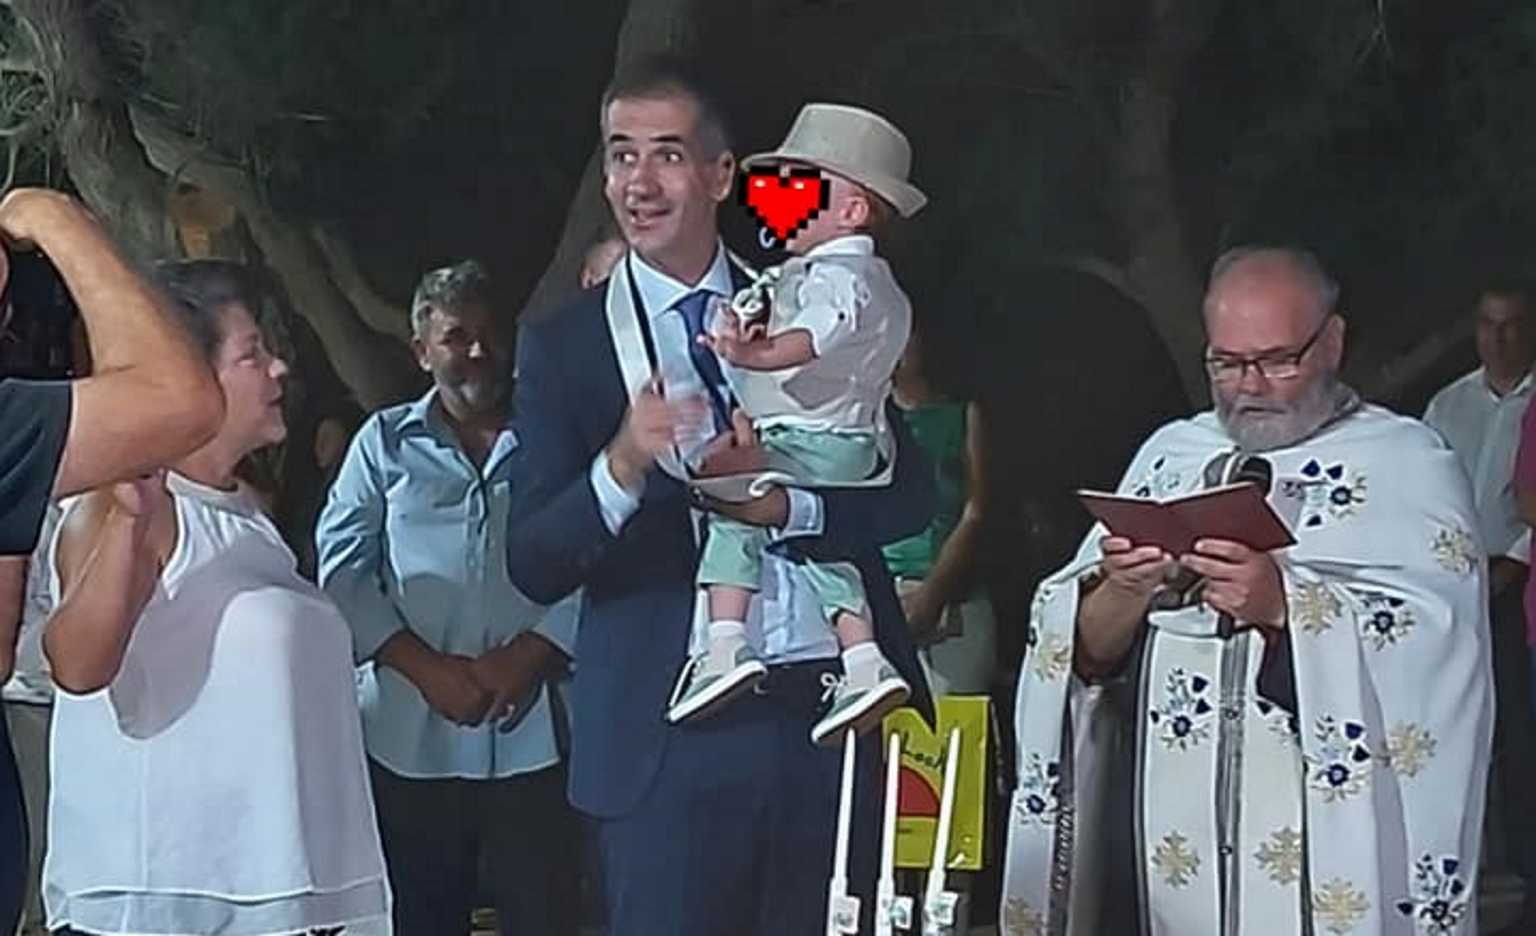 Κώστας Μπακογιάννης: Νονός σε βάφτιση στα Χανιά